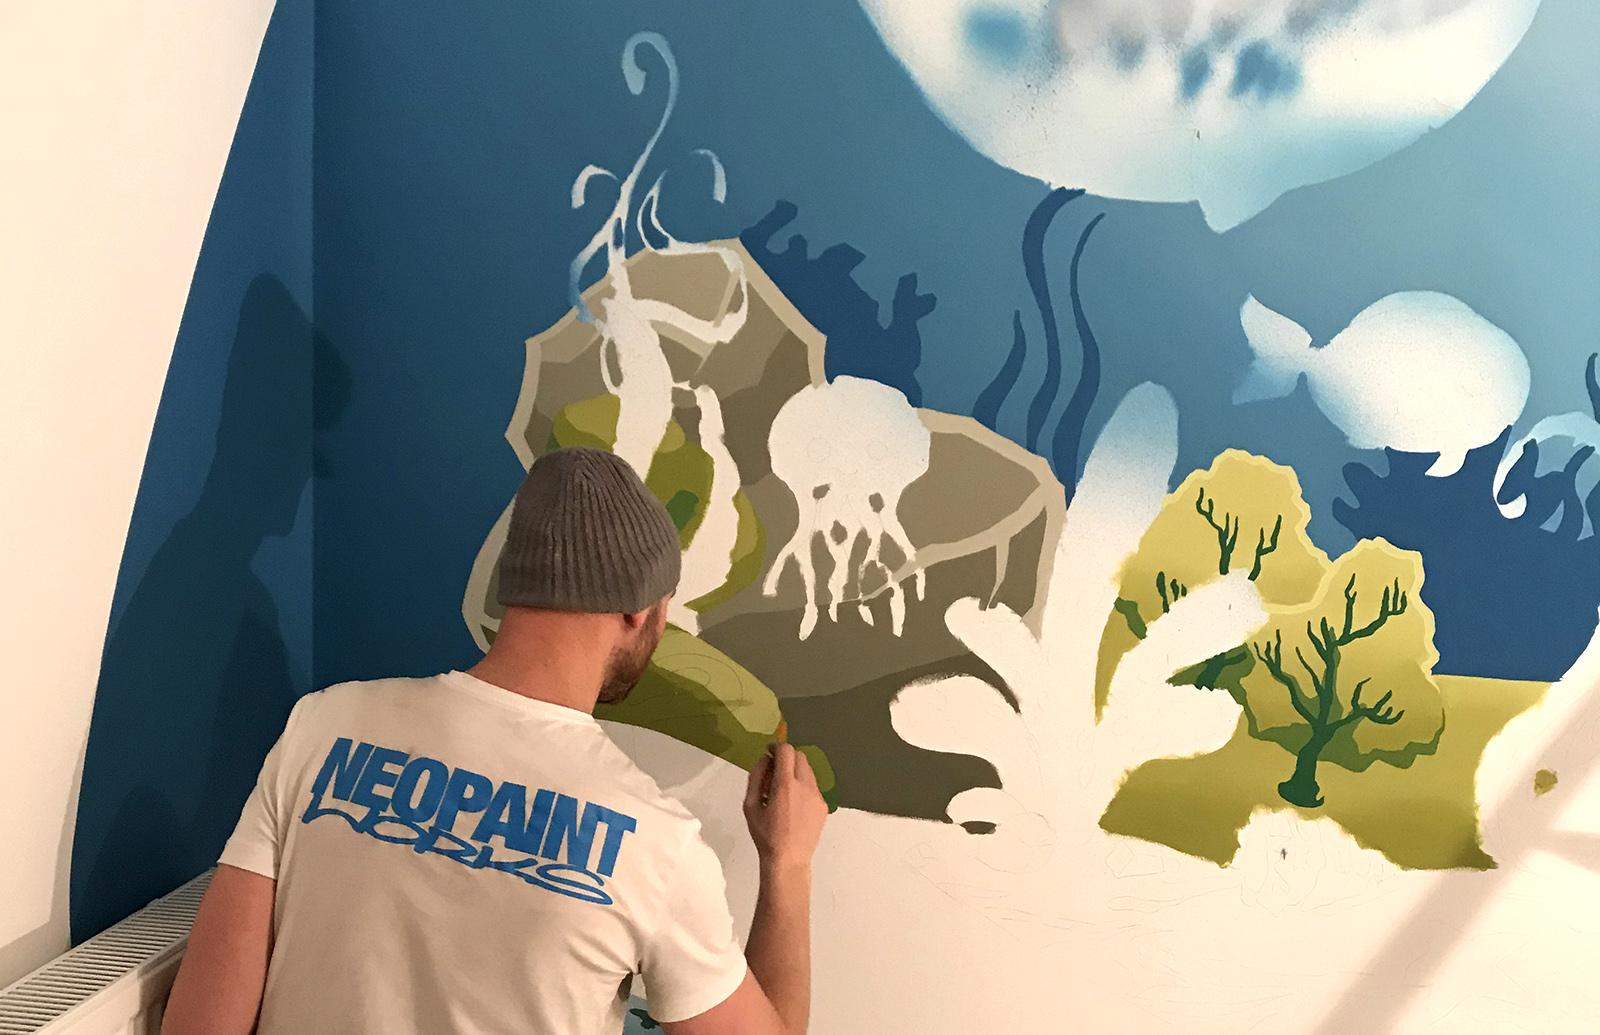 gyerekszoba dekoráció - neopaint works